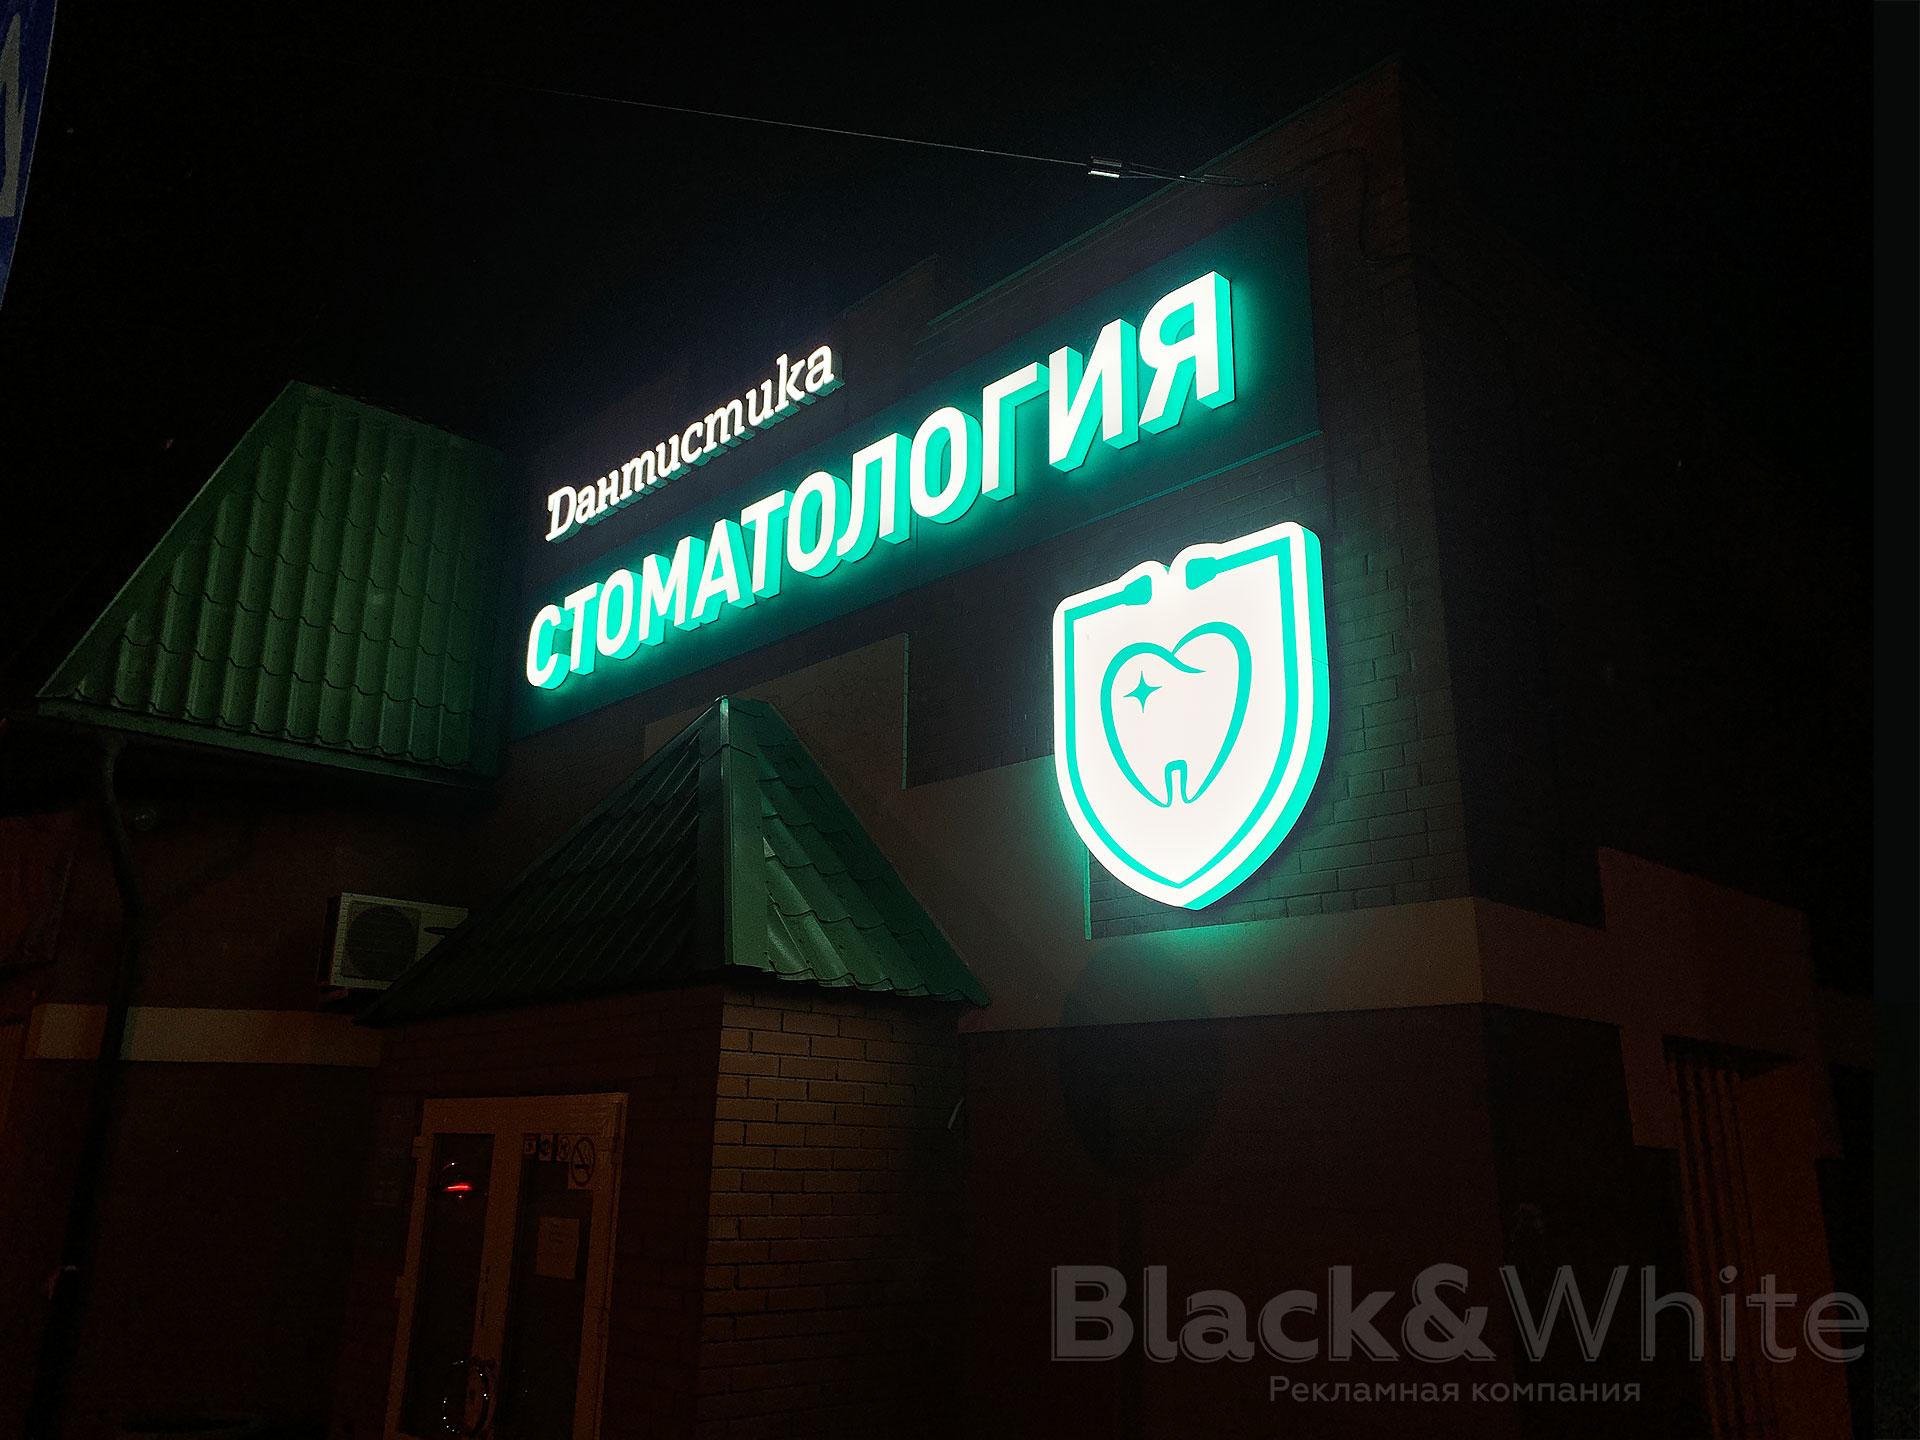 Вывеска-для-стоматологии-Красноярск.jpg